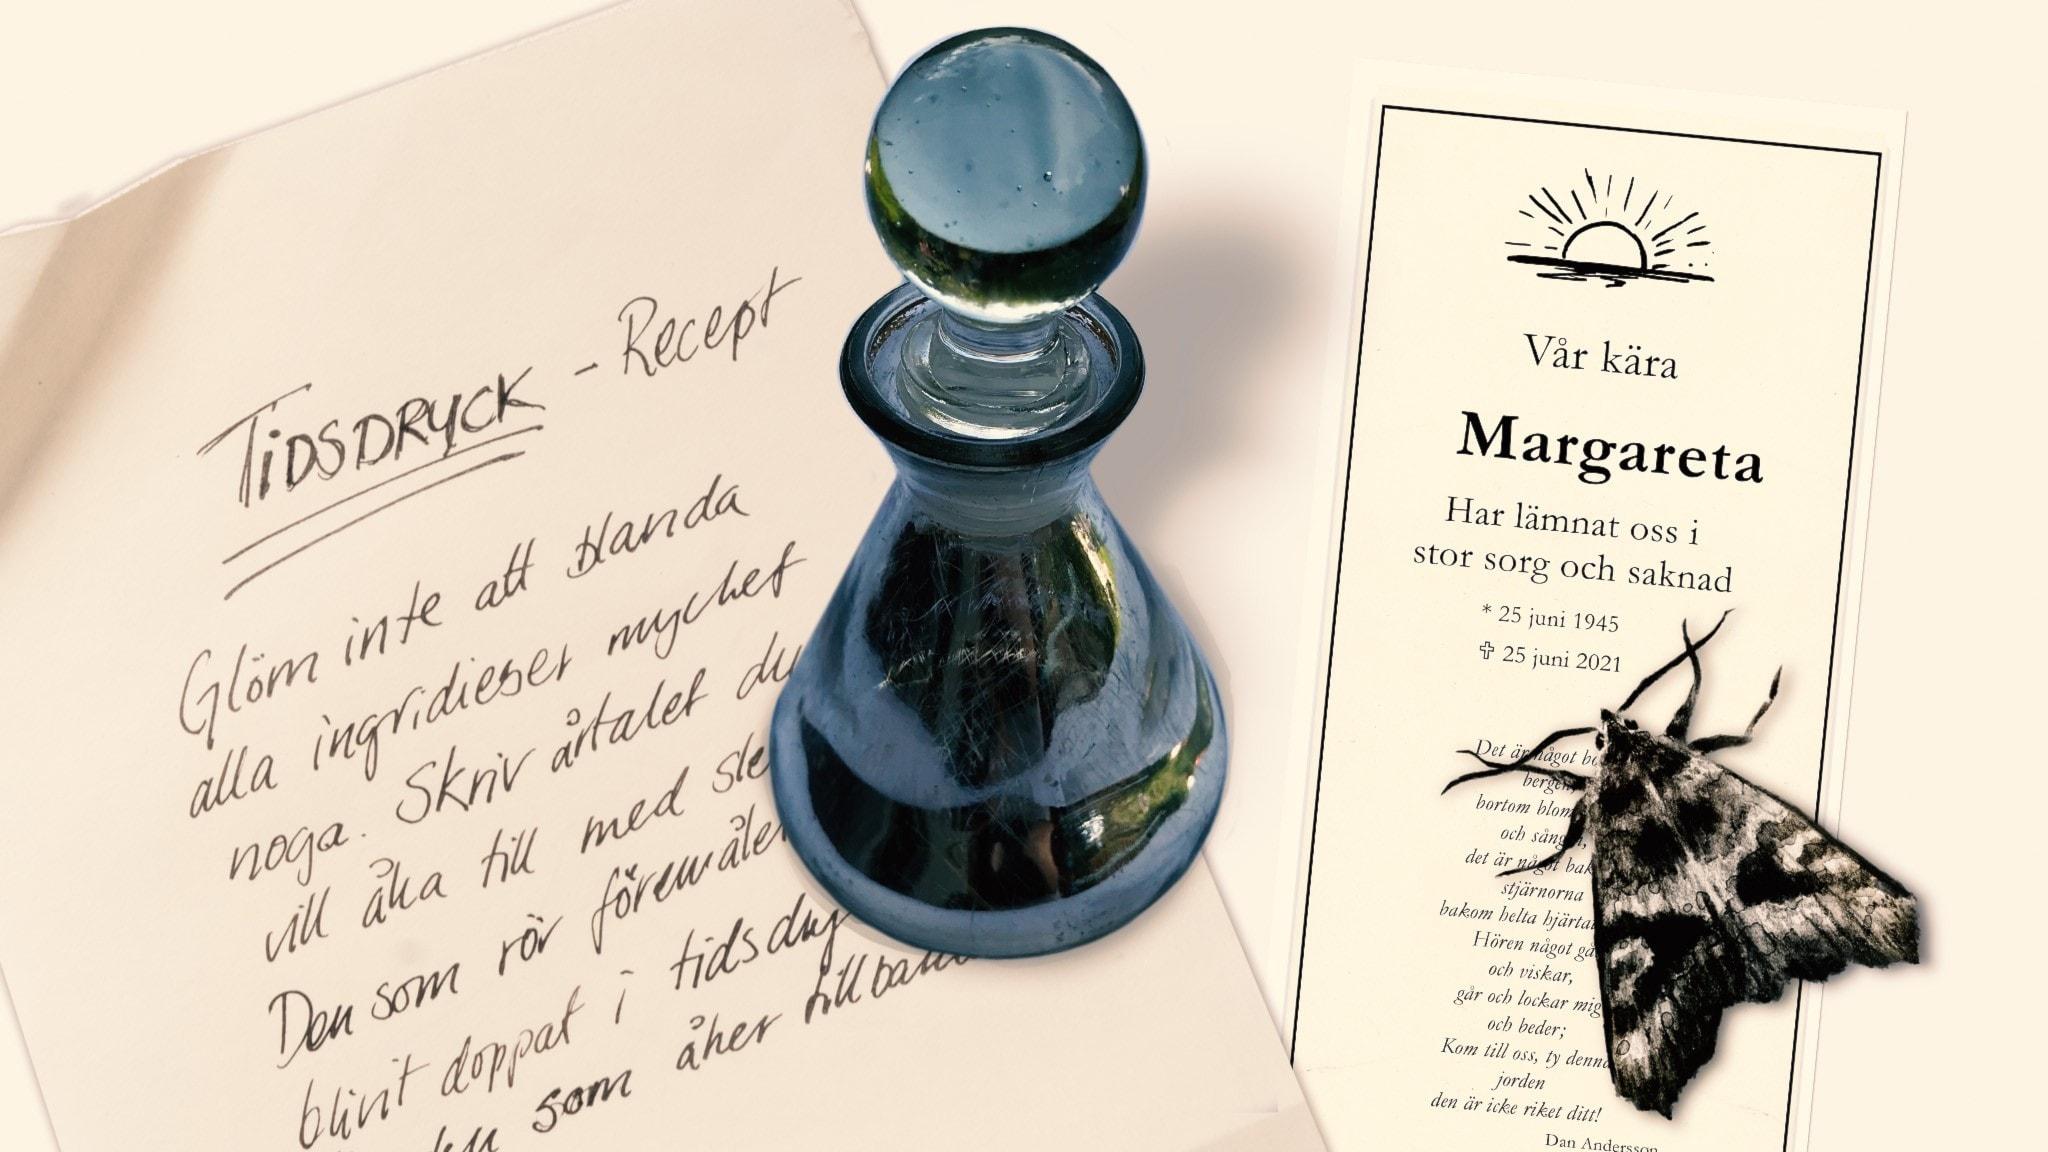 Del 8. En flaska med tidsdryck, ett recept på tidsdryck och en begravningsannons